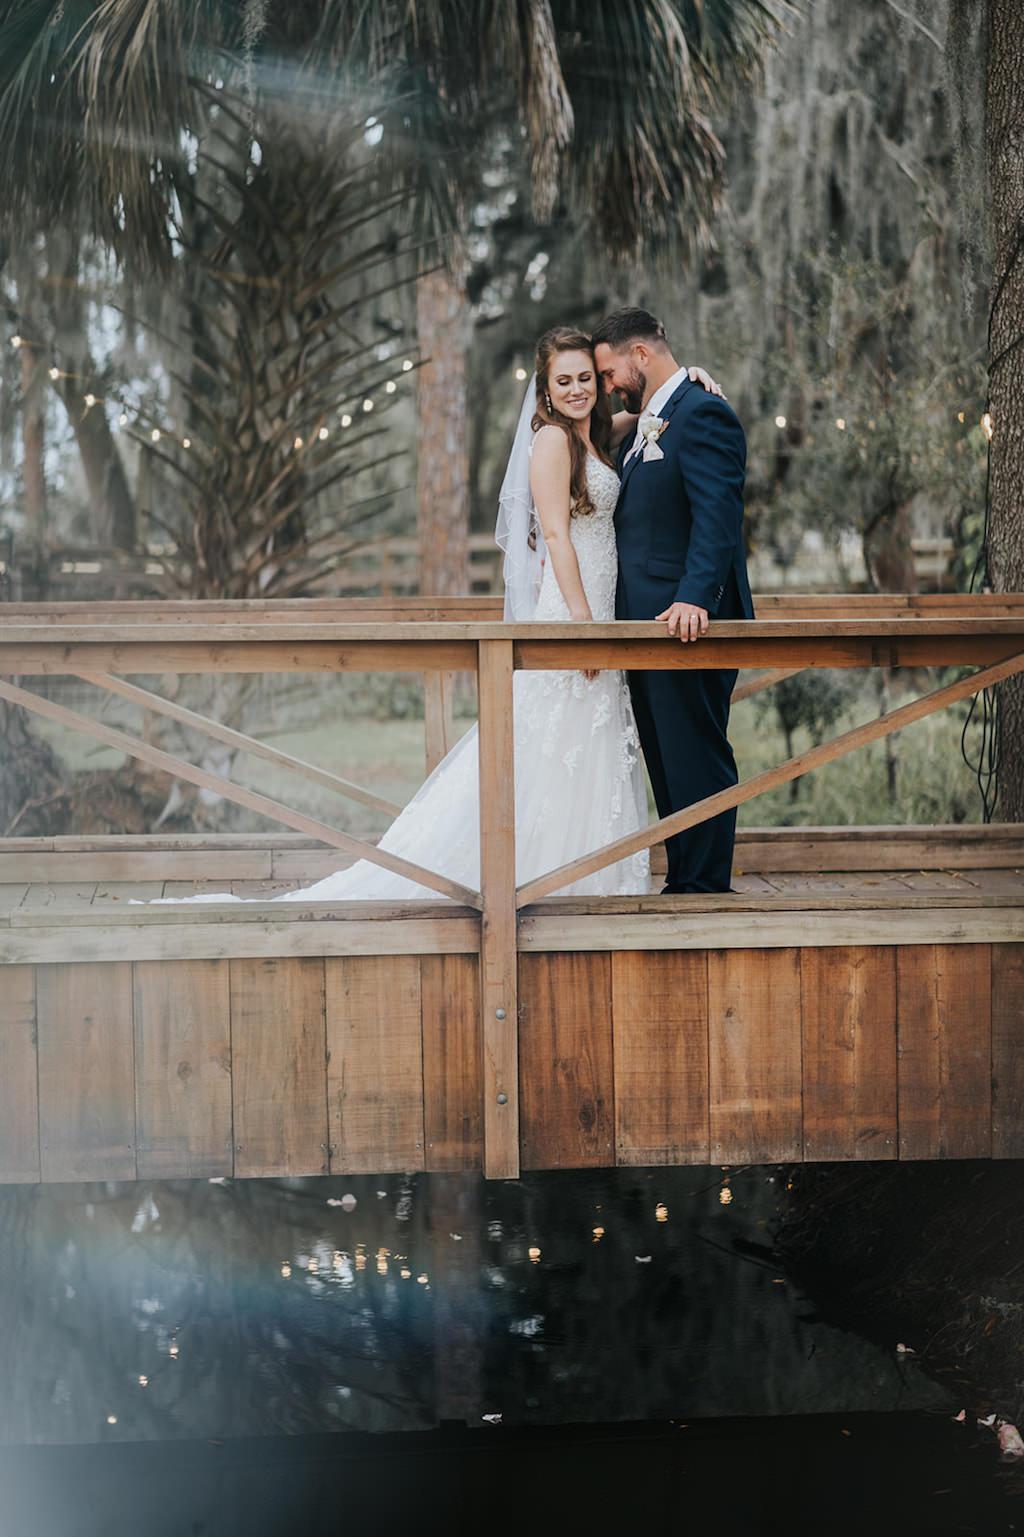 Romantic Florida Bride and Groom on Wooden Bridge Wedding Portrait   Tampa Wedding Venue Rafter J Ranch